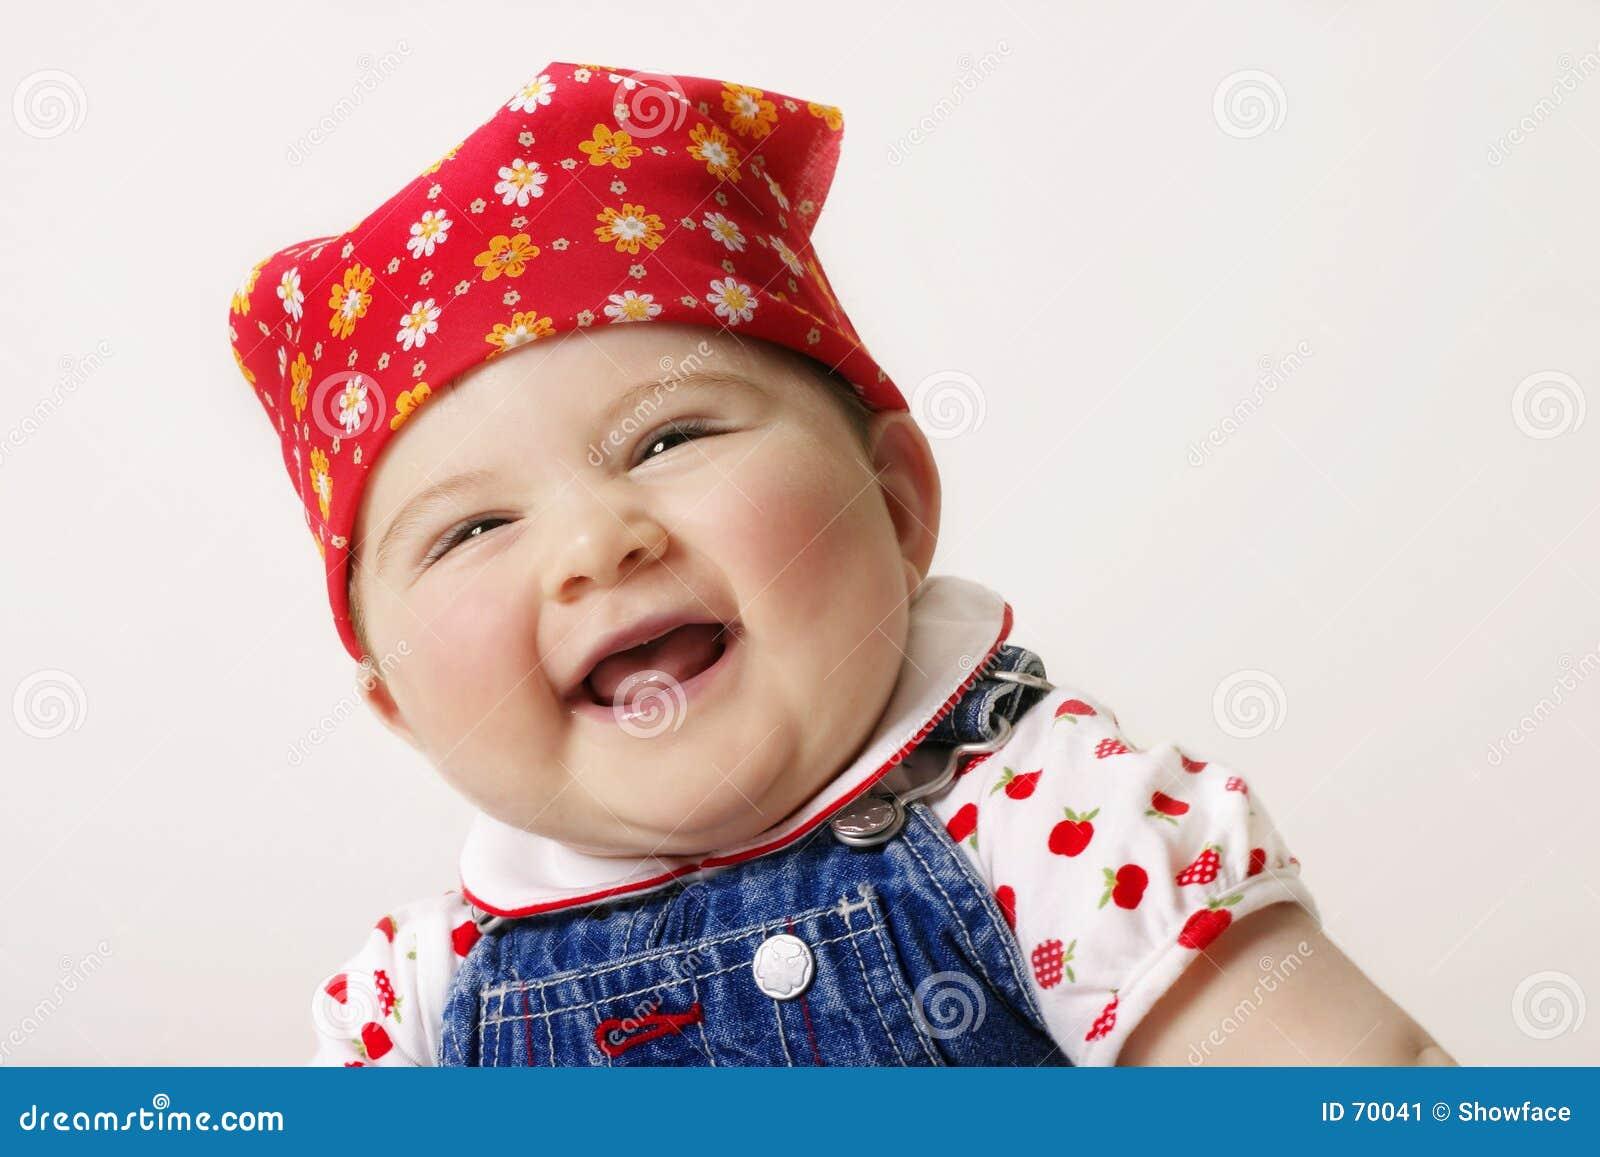 feeling happy  stock image image 70041 baby girl clipart images baby girl clipart images